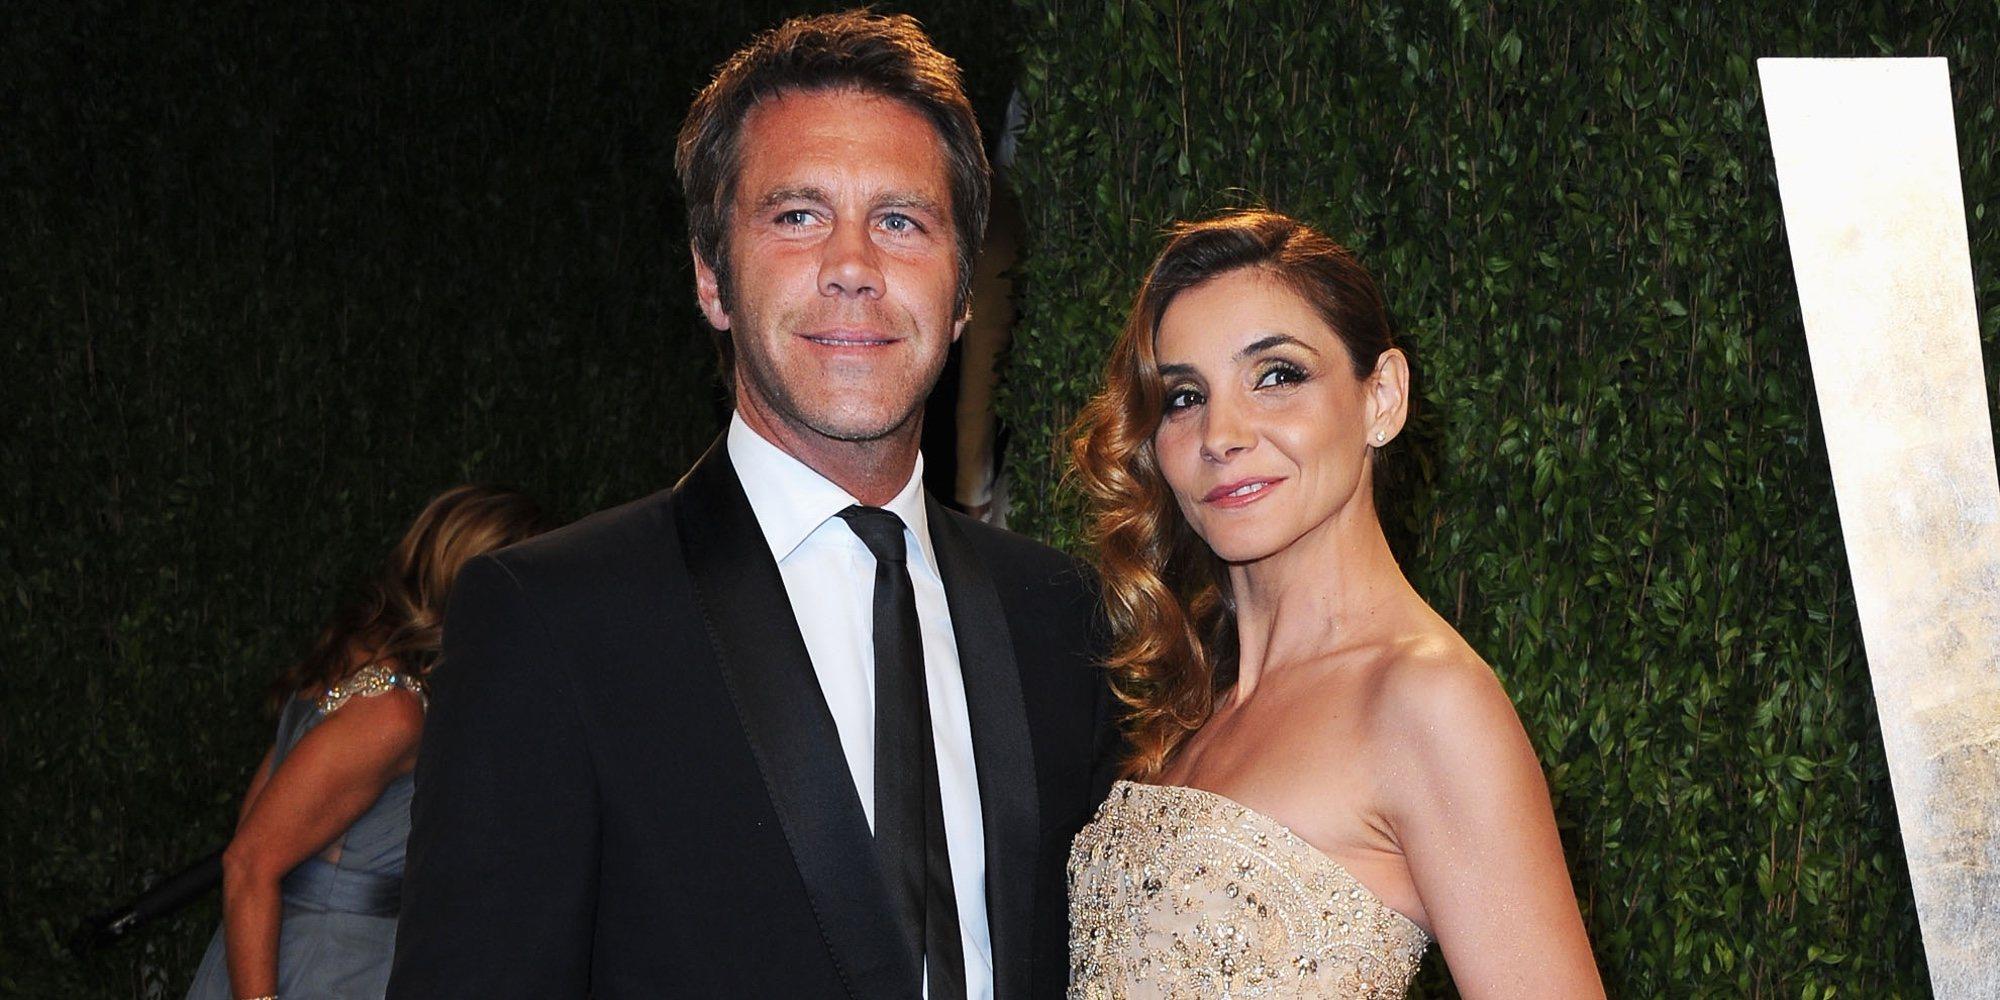 El Príncipe Filiberto de Saboya y su mujer, Clotilde Courau, sufren un robo millonario en su casa de París